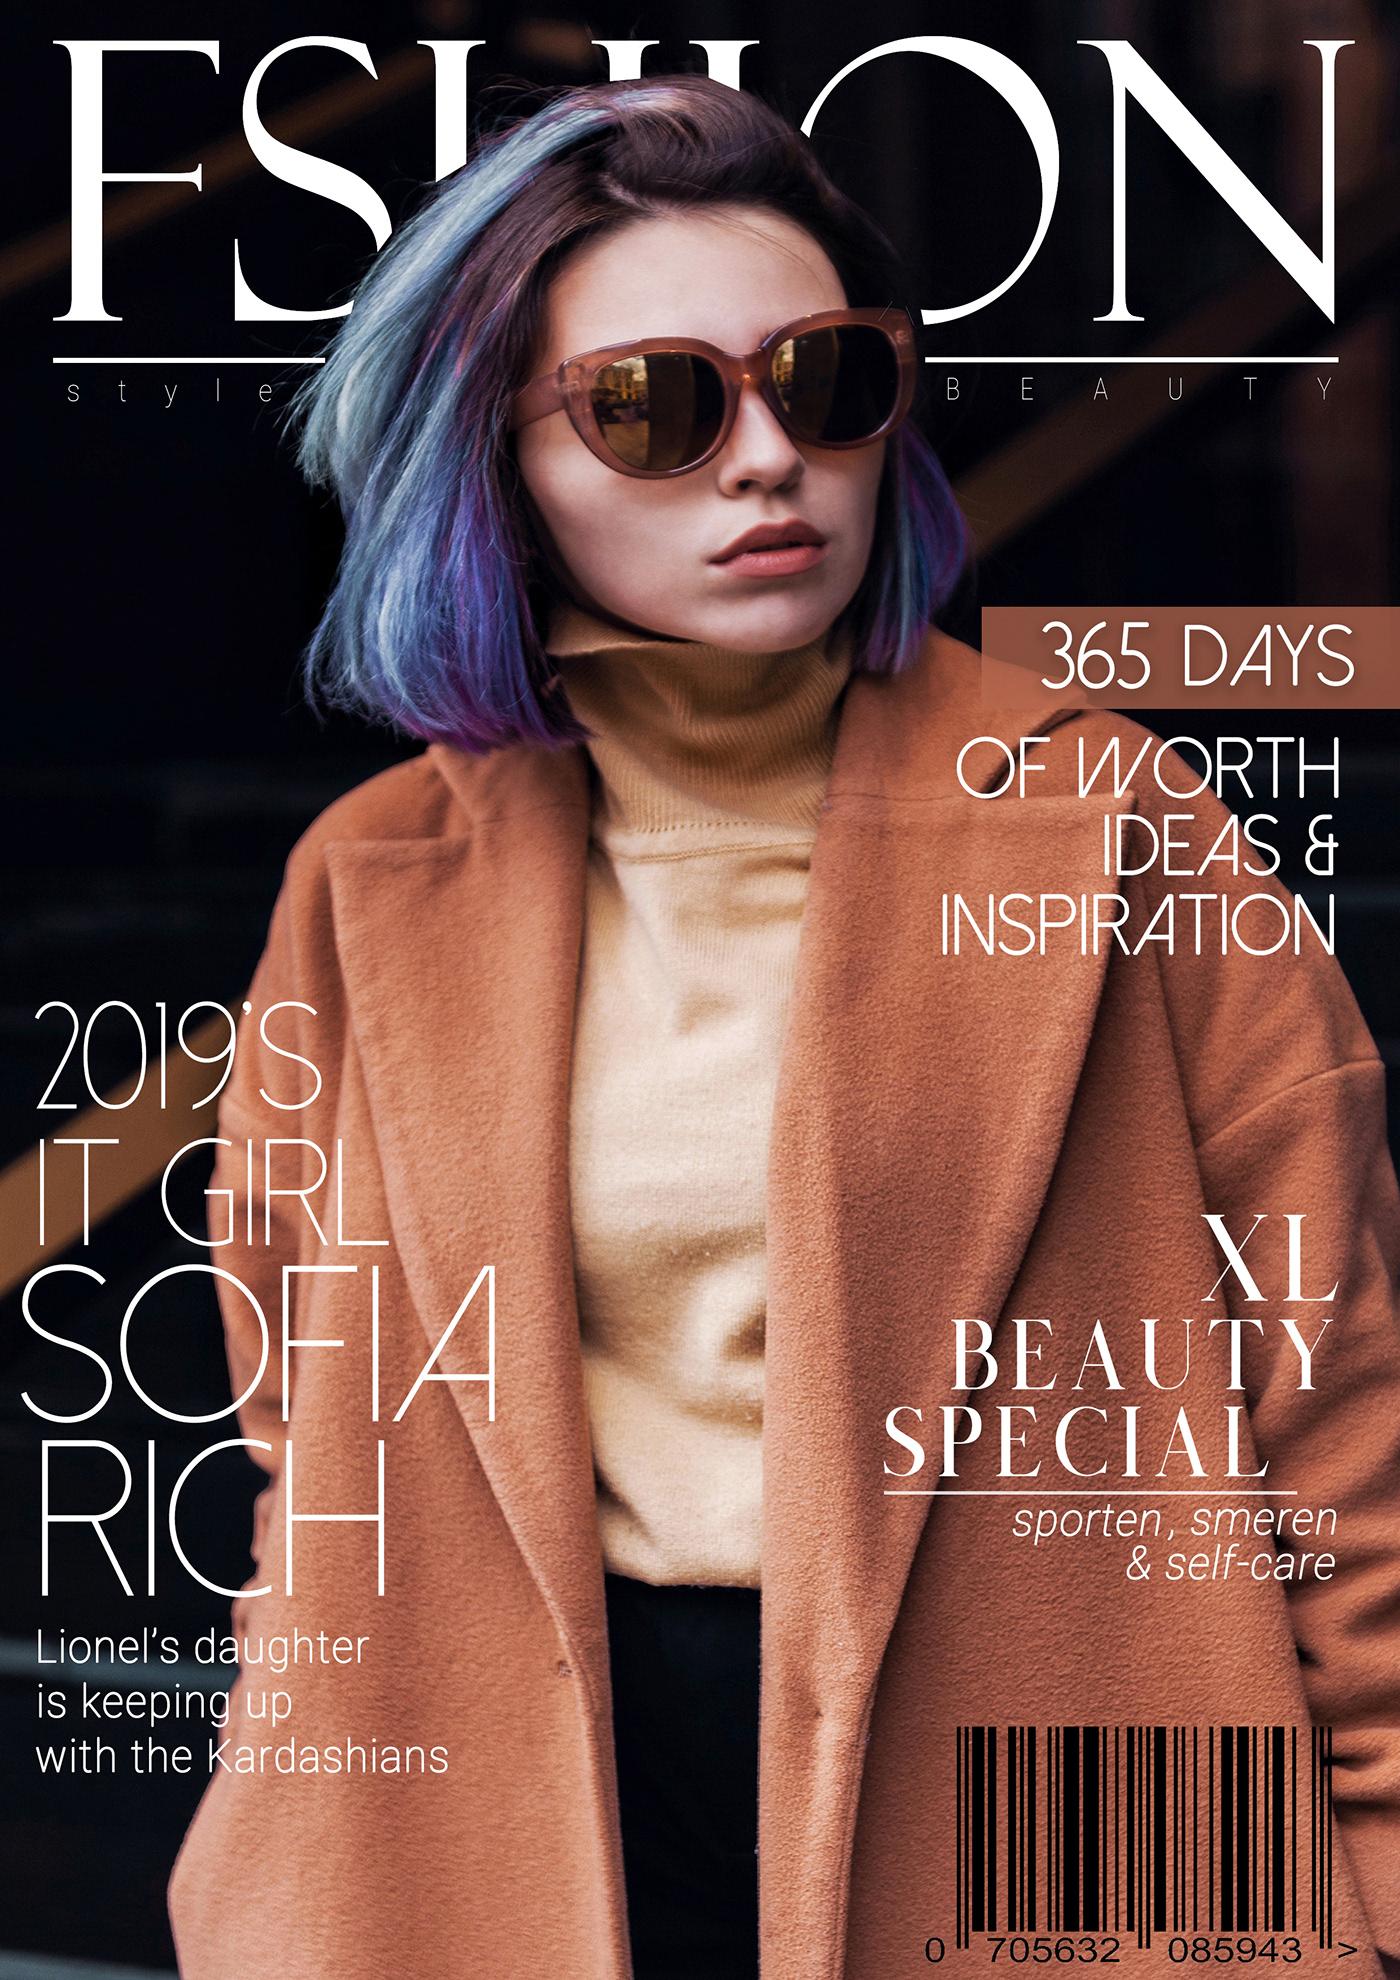 有設計感的22款時尚雜誌封面欣賞